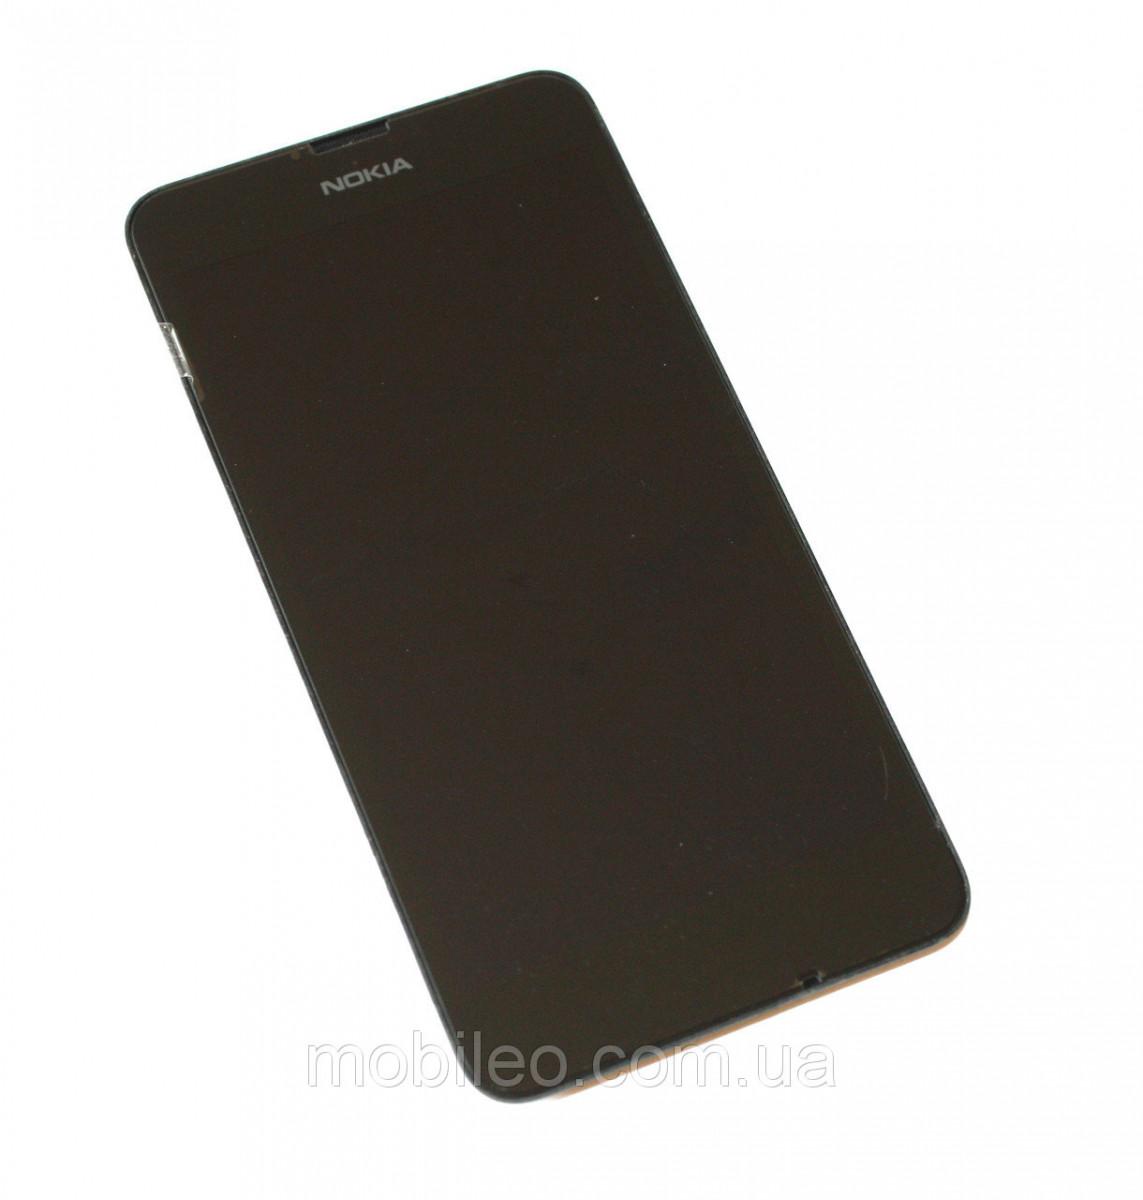 Дисплей (LCD) Nokia 630 Lumia | 635 | 636 | 638 с тачскрином, чёрный